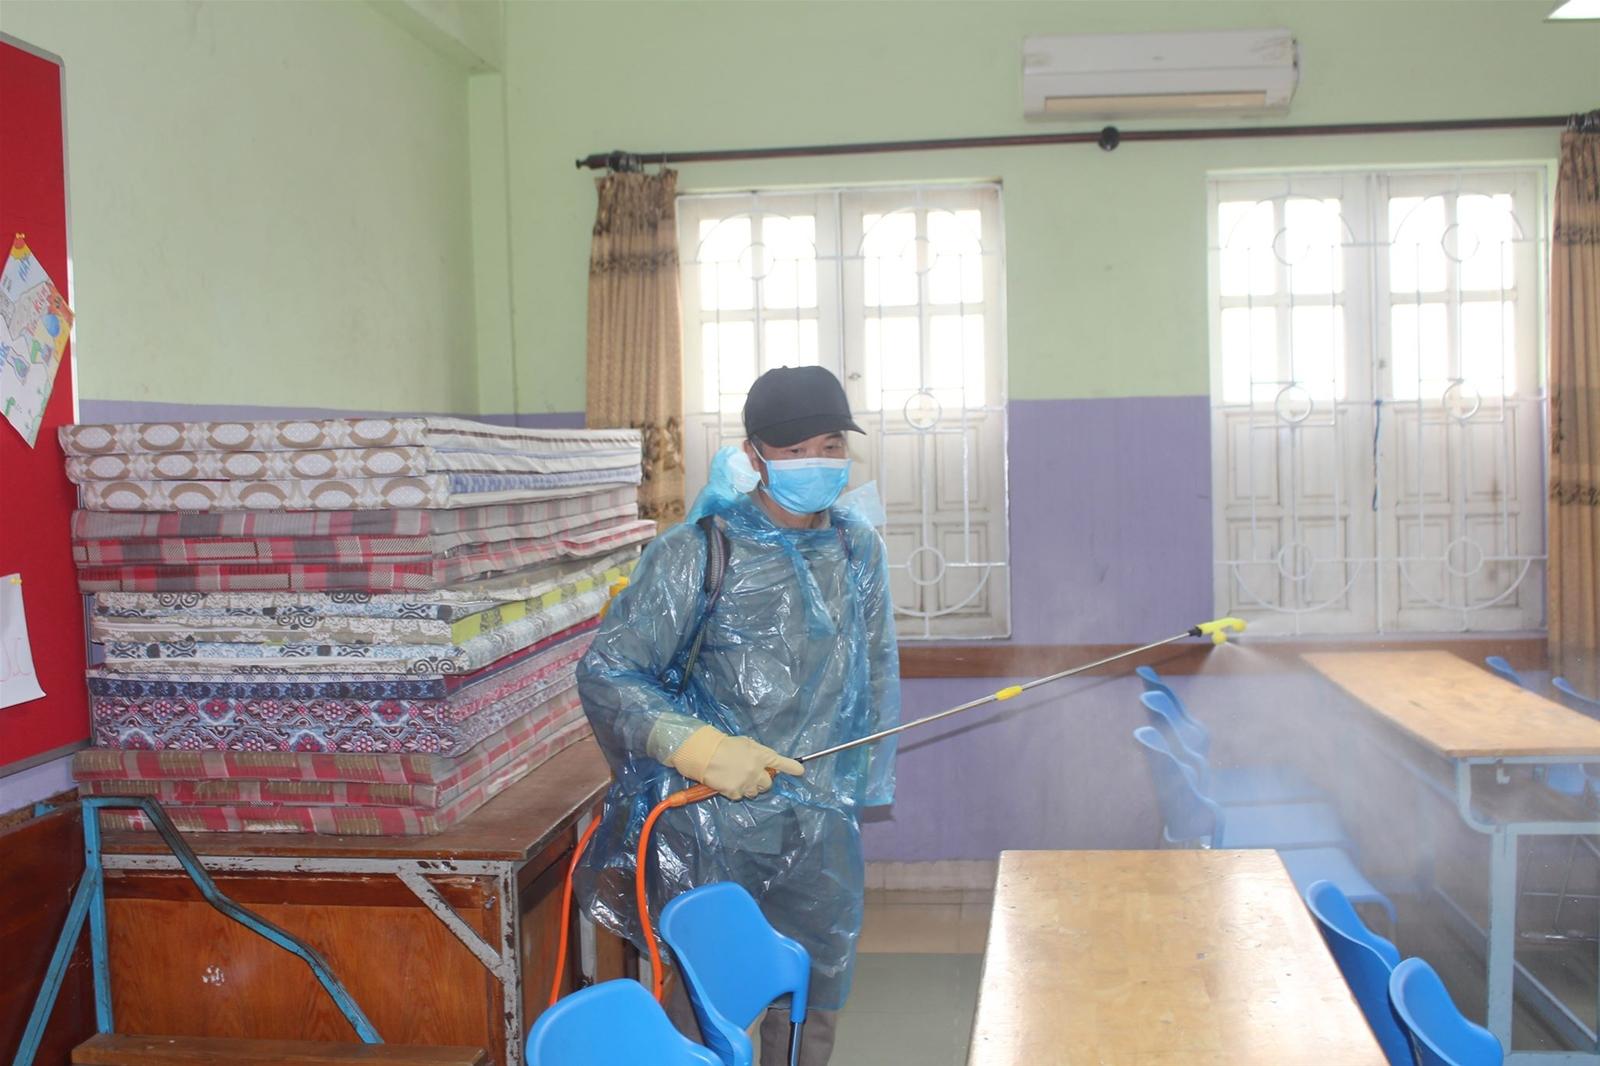 Trao tặng hàng nghìn khẩu trang, dung dịch sát khuẩn cho học sinh ở Hà Nội